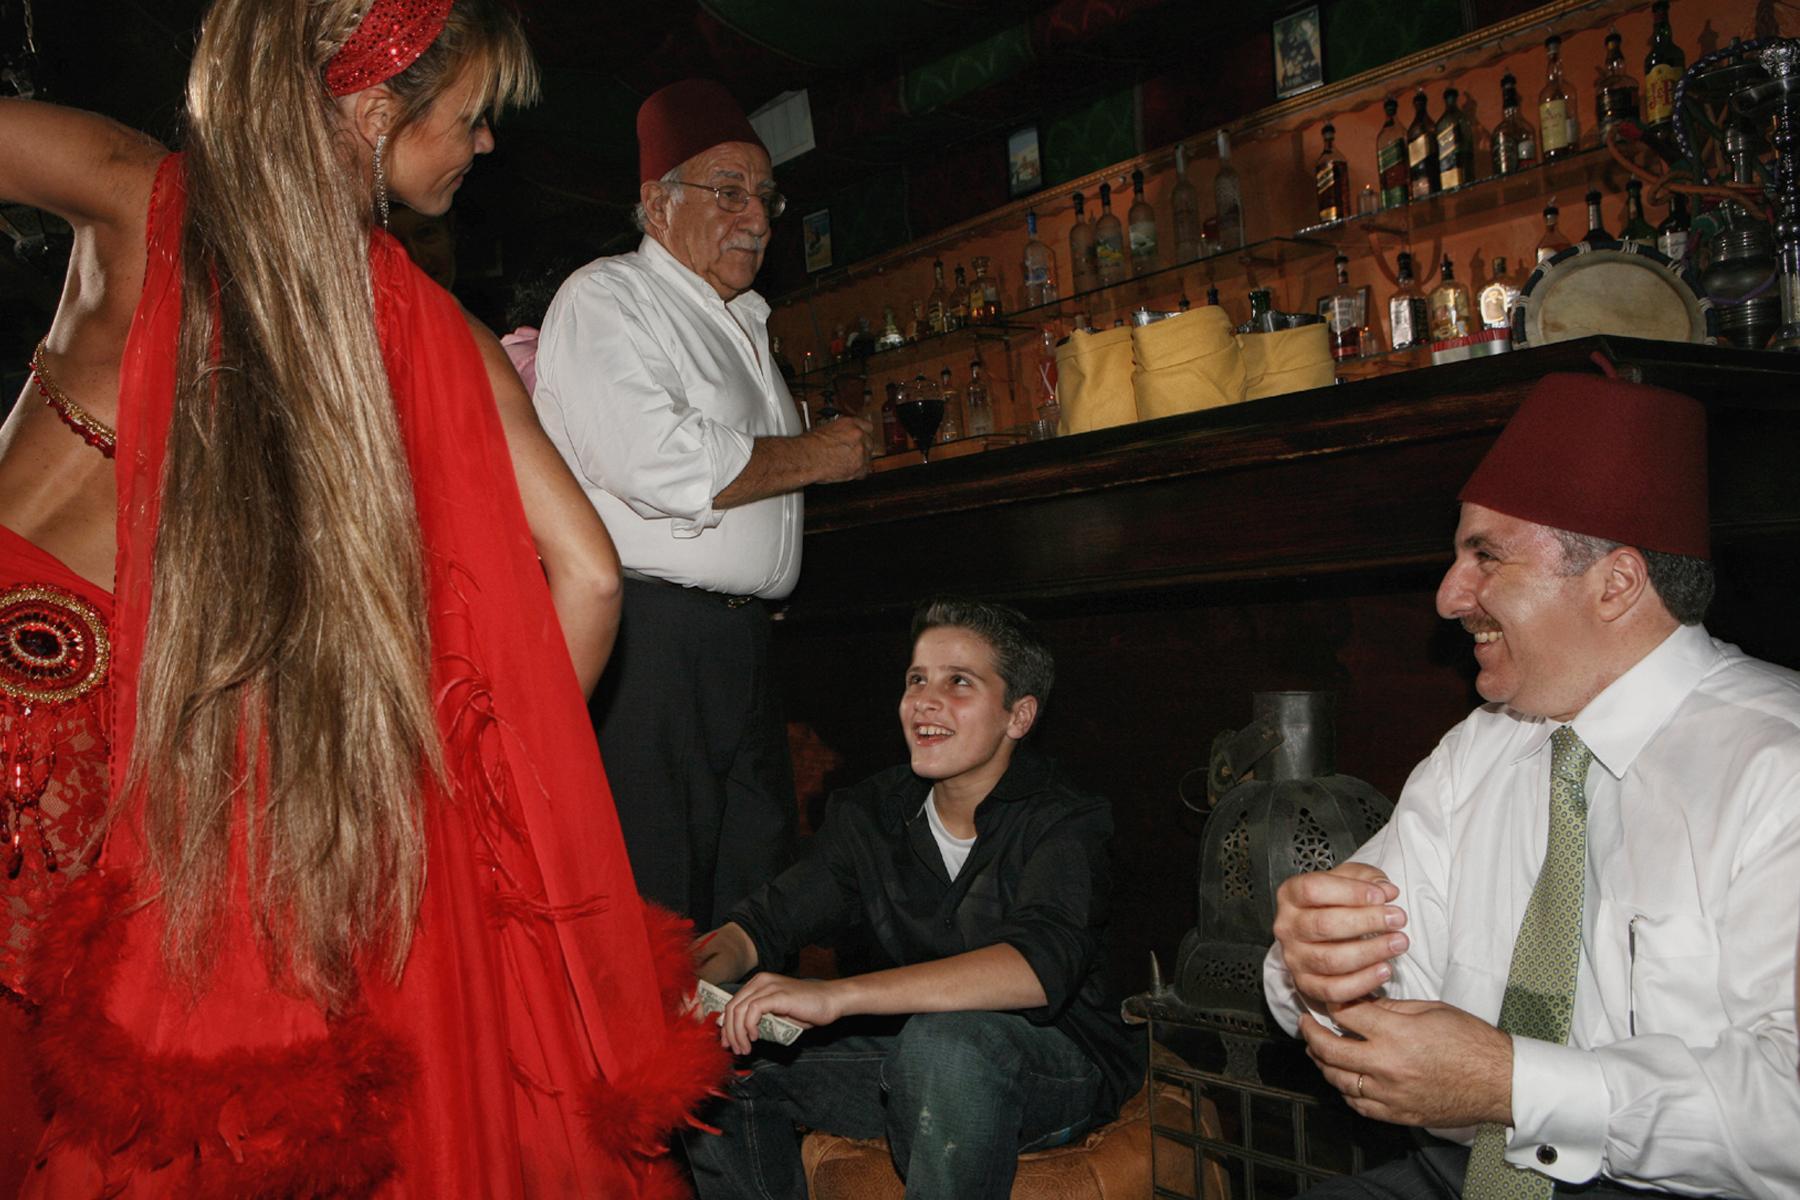 22-bar-mitzvah-party-belly-dancer-fun-orlando-central-florida-photographer.JPG